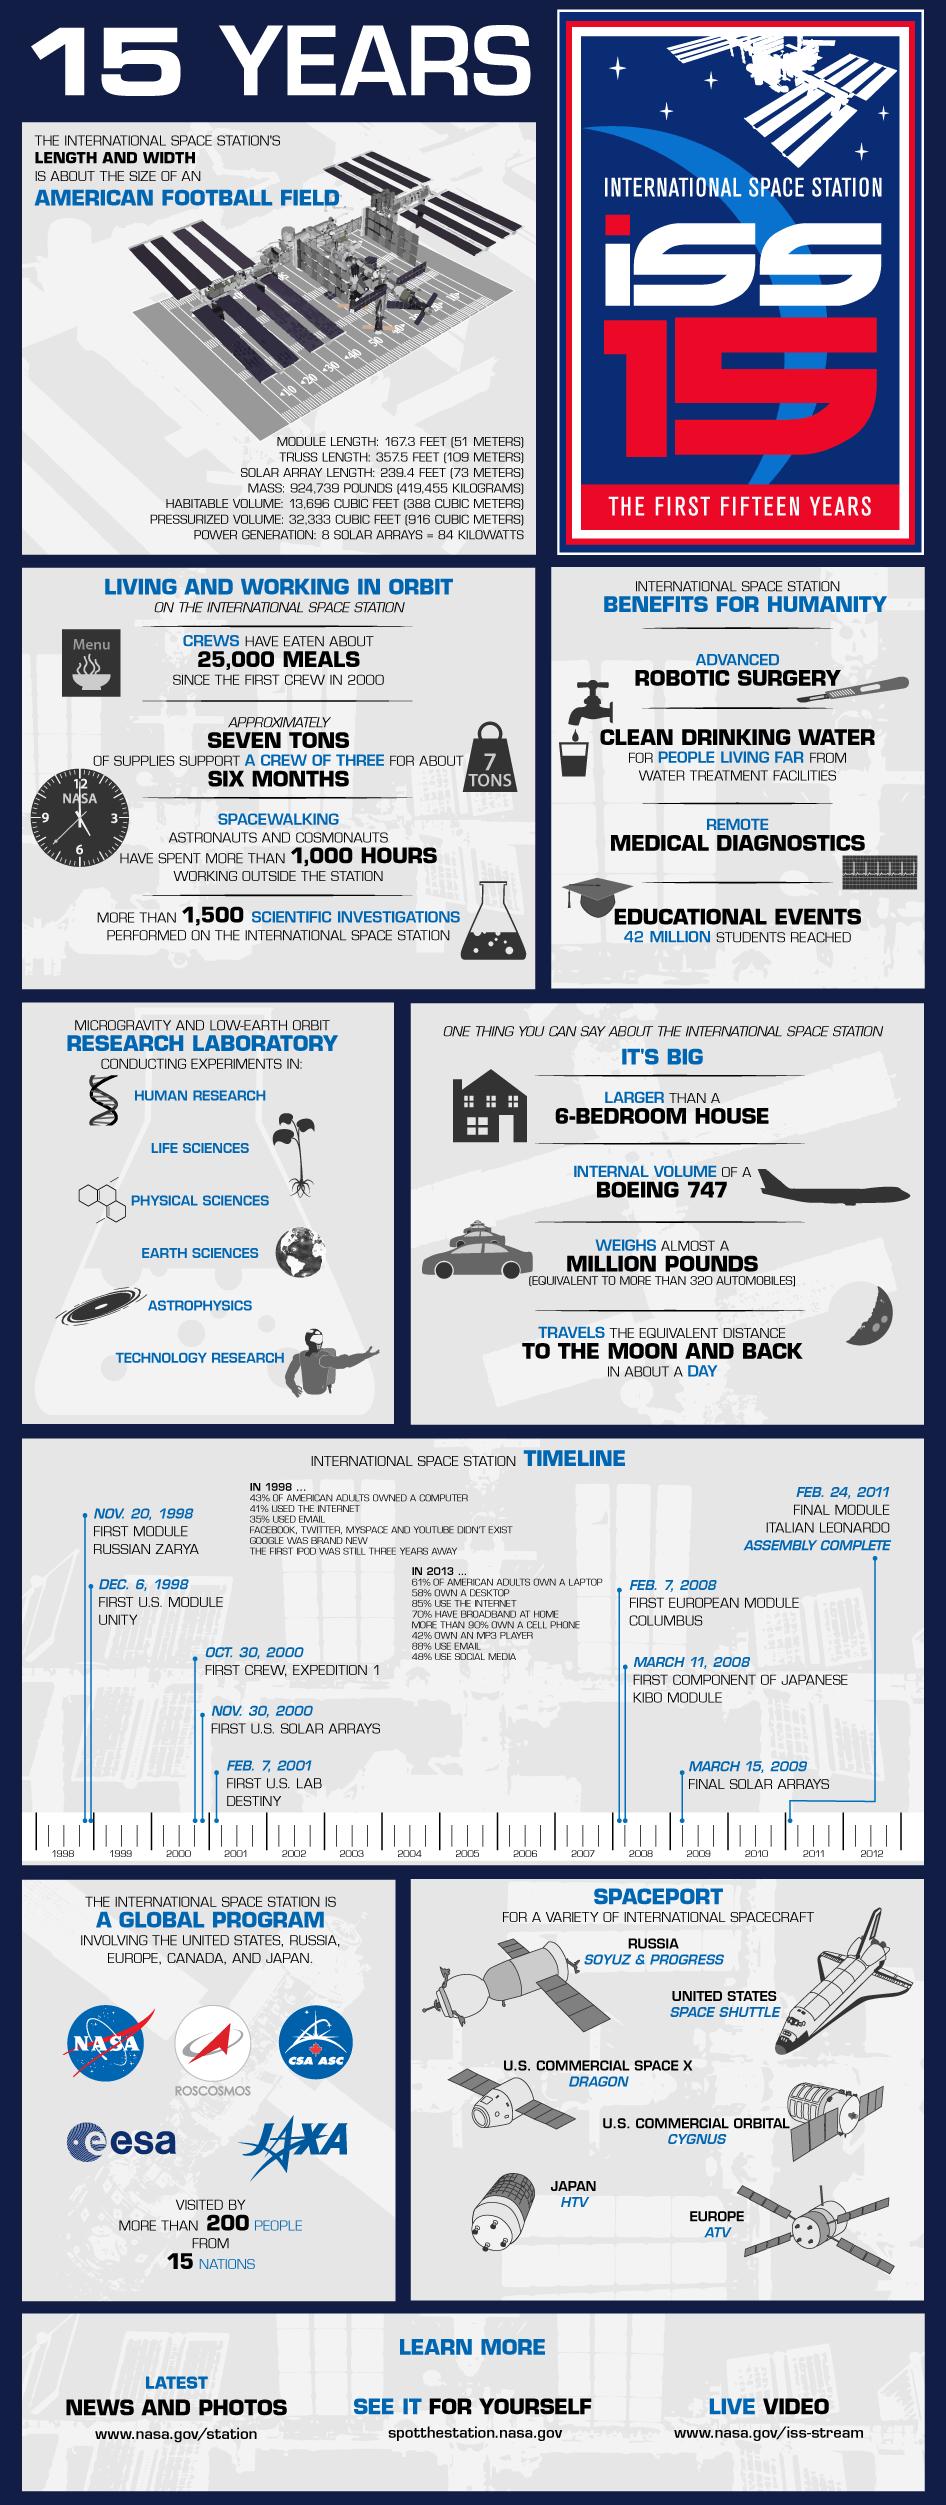 15ans-iss Infographie : Retour sur les 15 ans d'existence de la Station Spatiale Internationale (ISS)